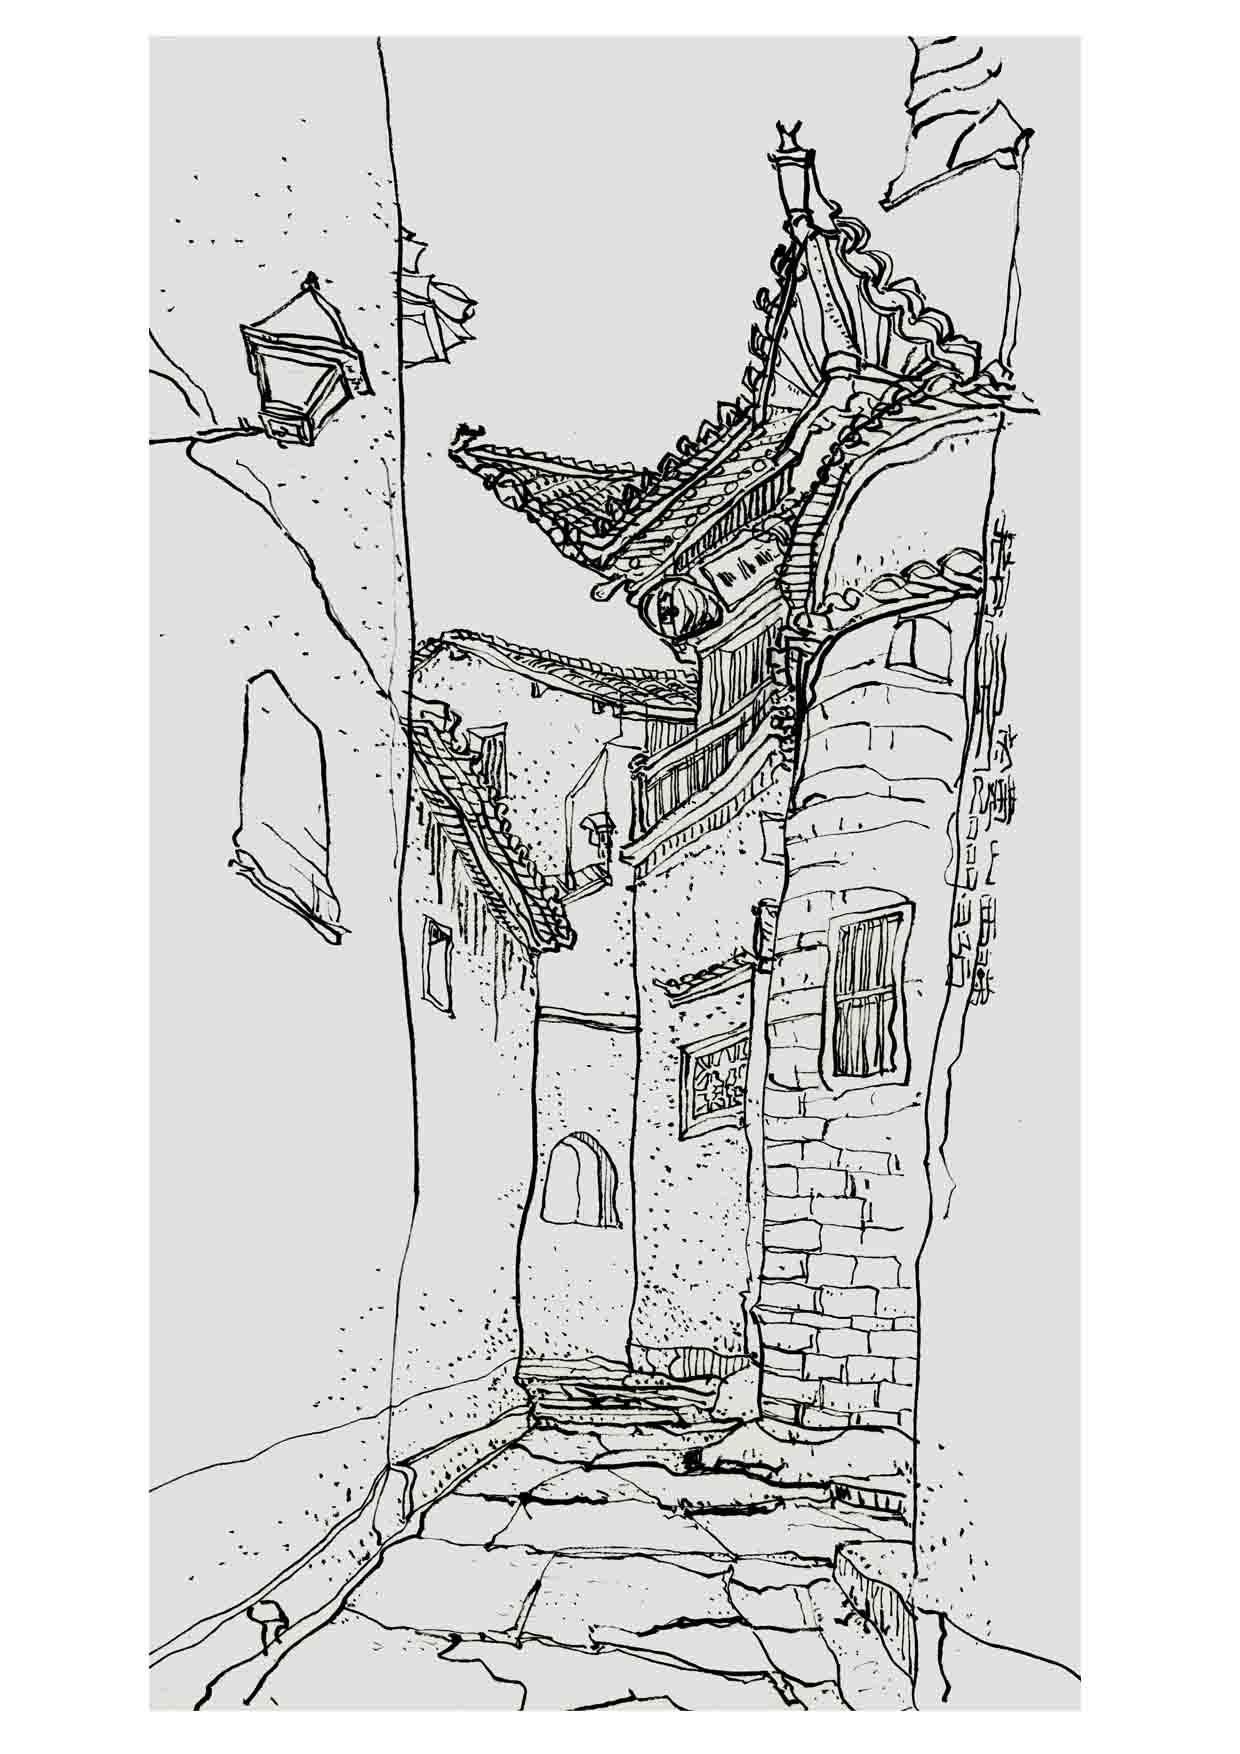 西递速写_《速写——宏村、西递》2008年黄山写生作品 插画 商业插画 ...